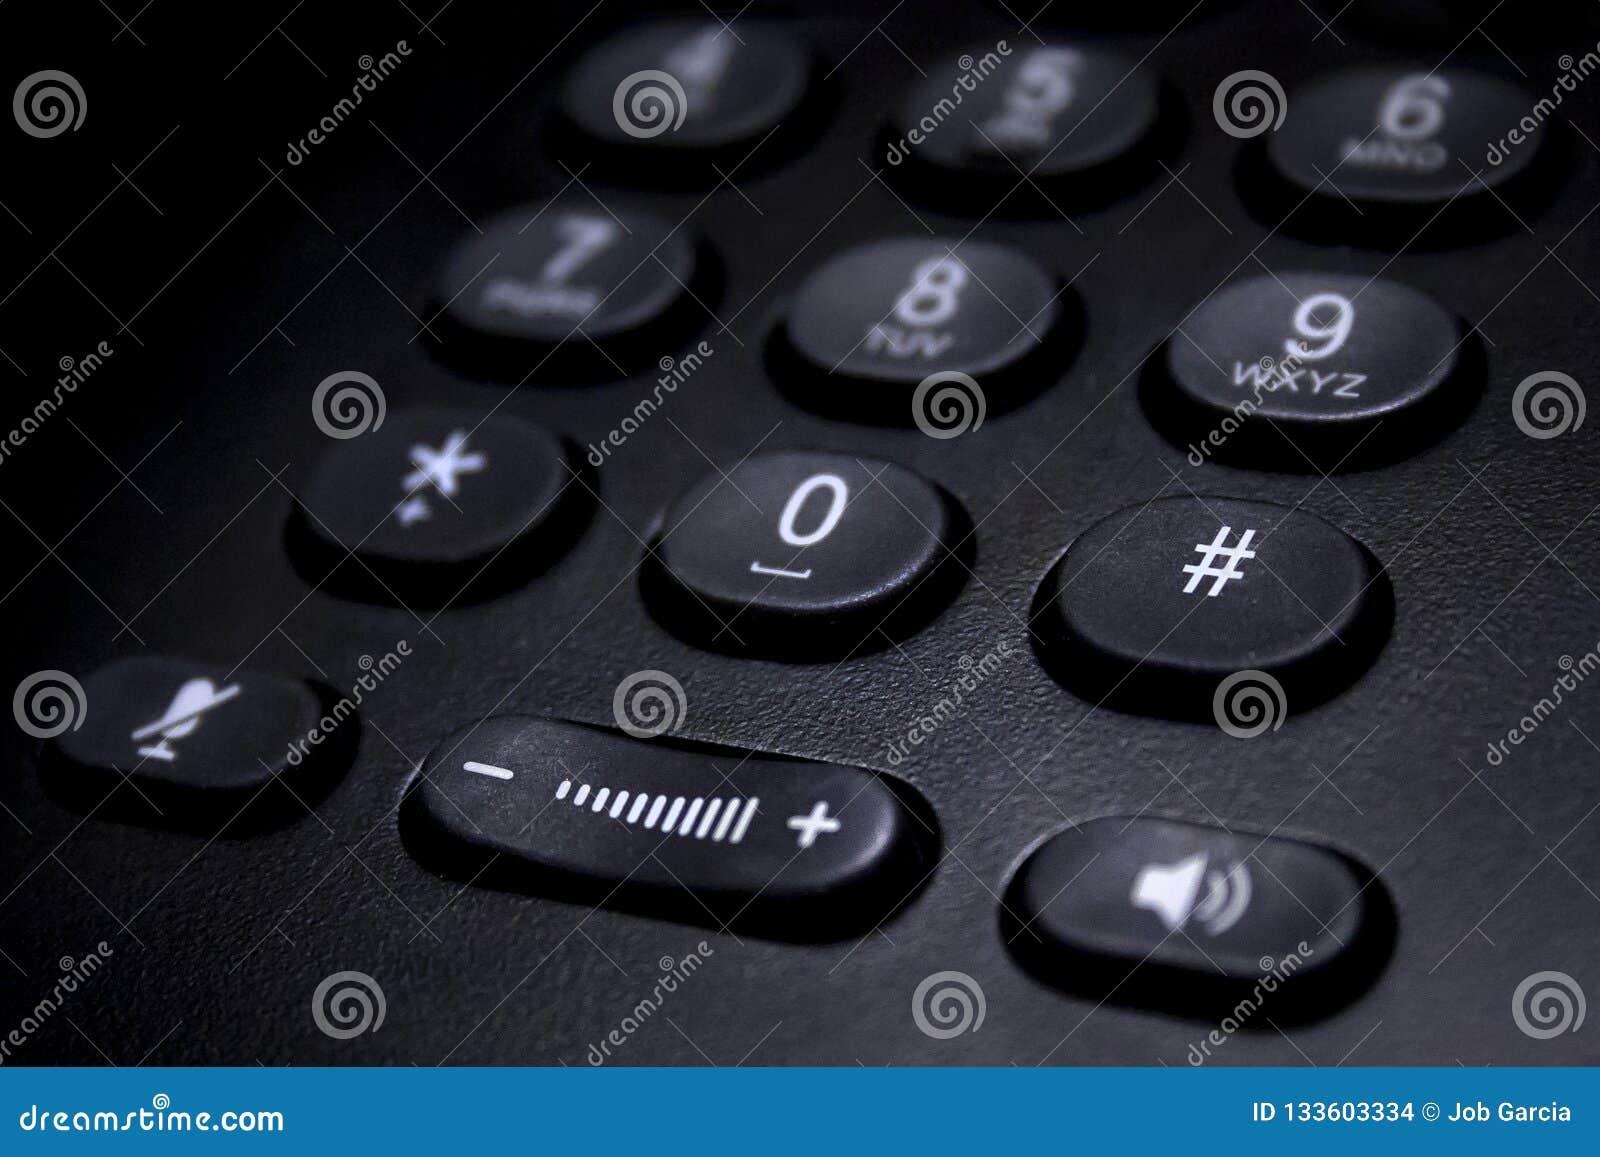 Μαύρη λεπτομέρεια τηλεφωνικών αριθμητικών πληκτρολογίων